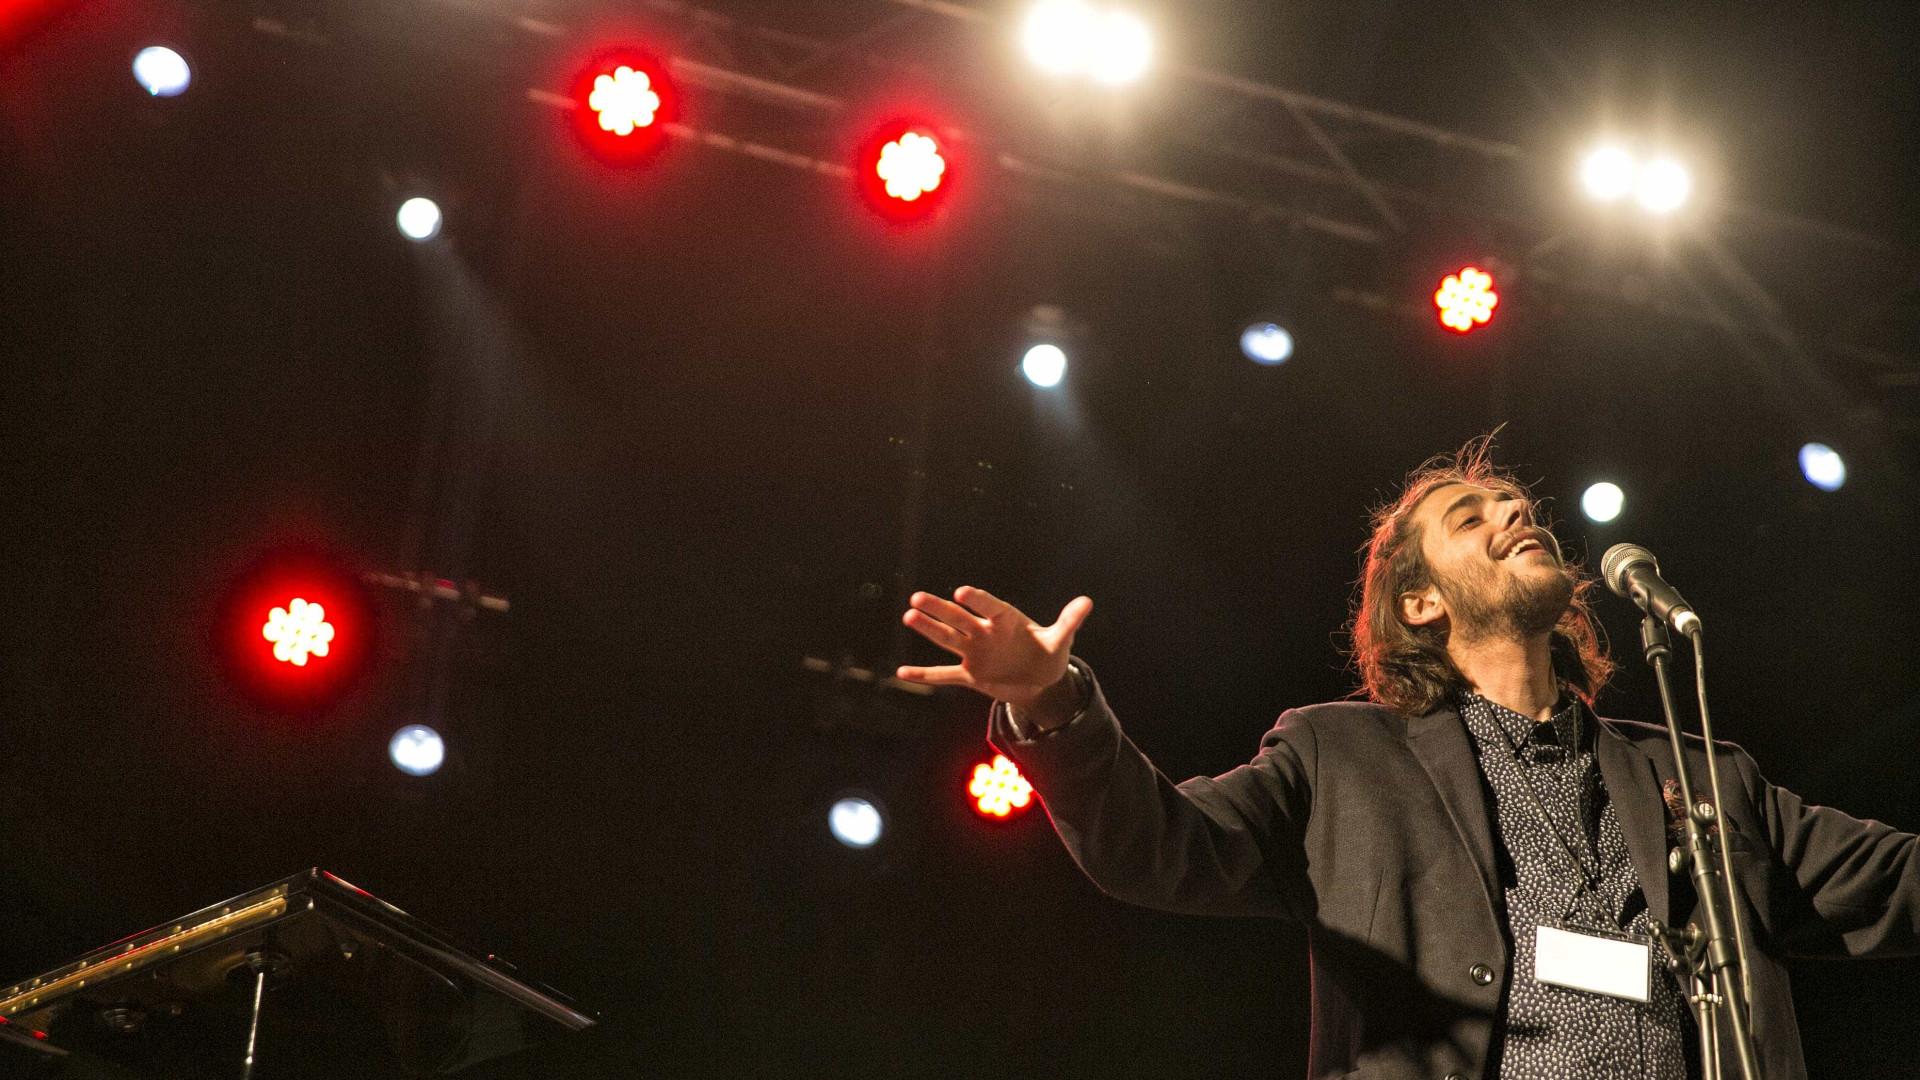 Concertos intimistas EA Live animam verão em Évora a partir de hoje